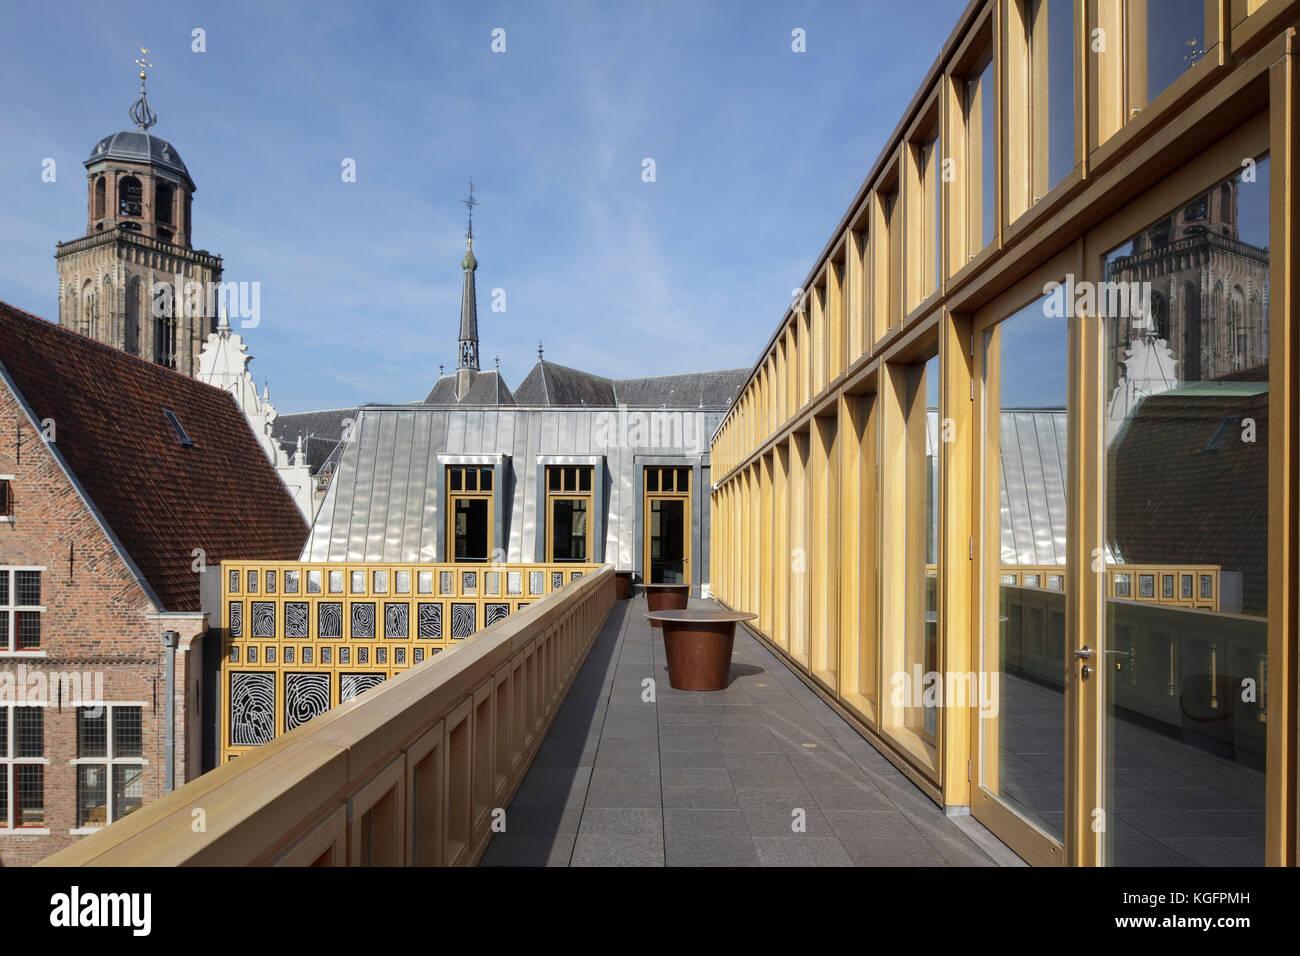 Blick von der Dachterrasse über die Dächer in Richtung Gehweg grote kerkhof. deventer City Hall, Deventer, Stockbild